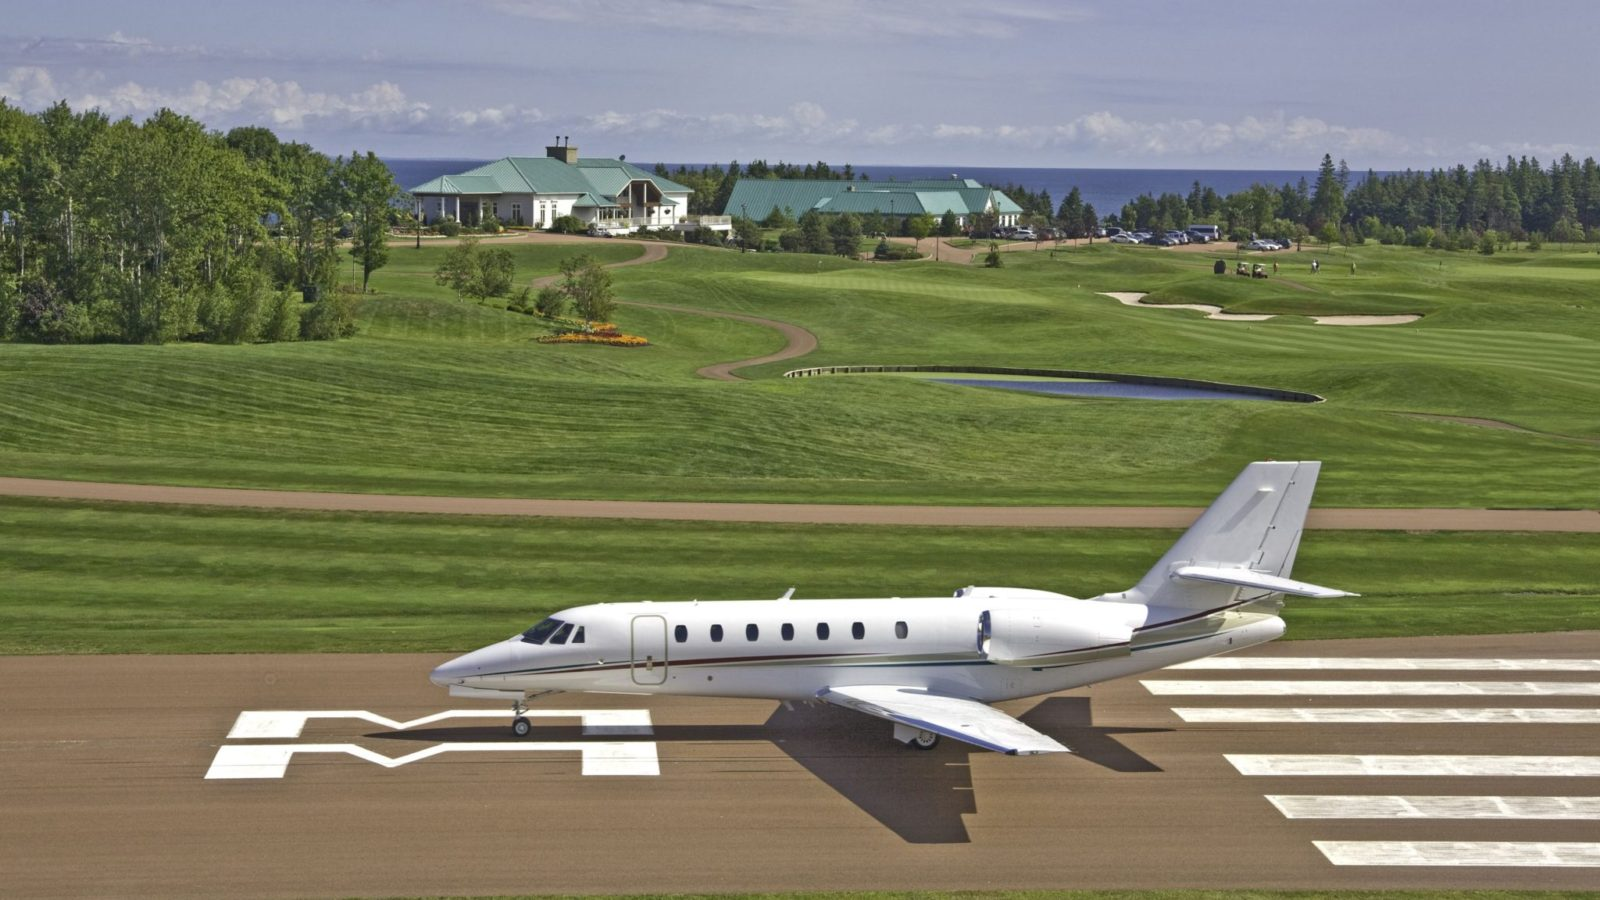 fox-harbr-resort-runway_24190775117_o